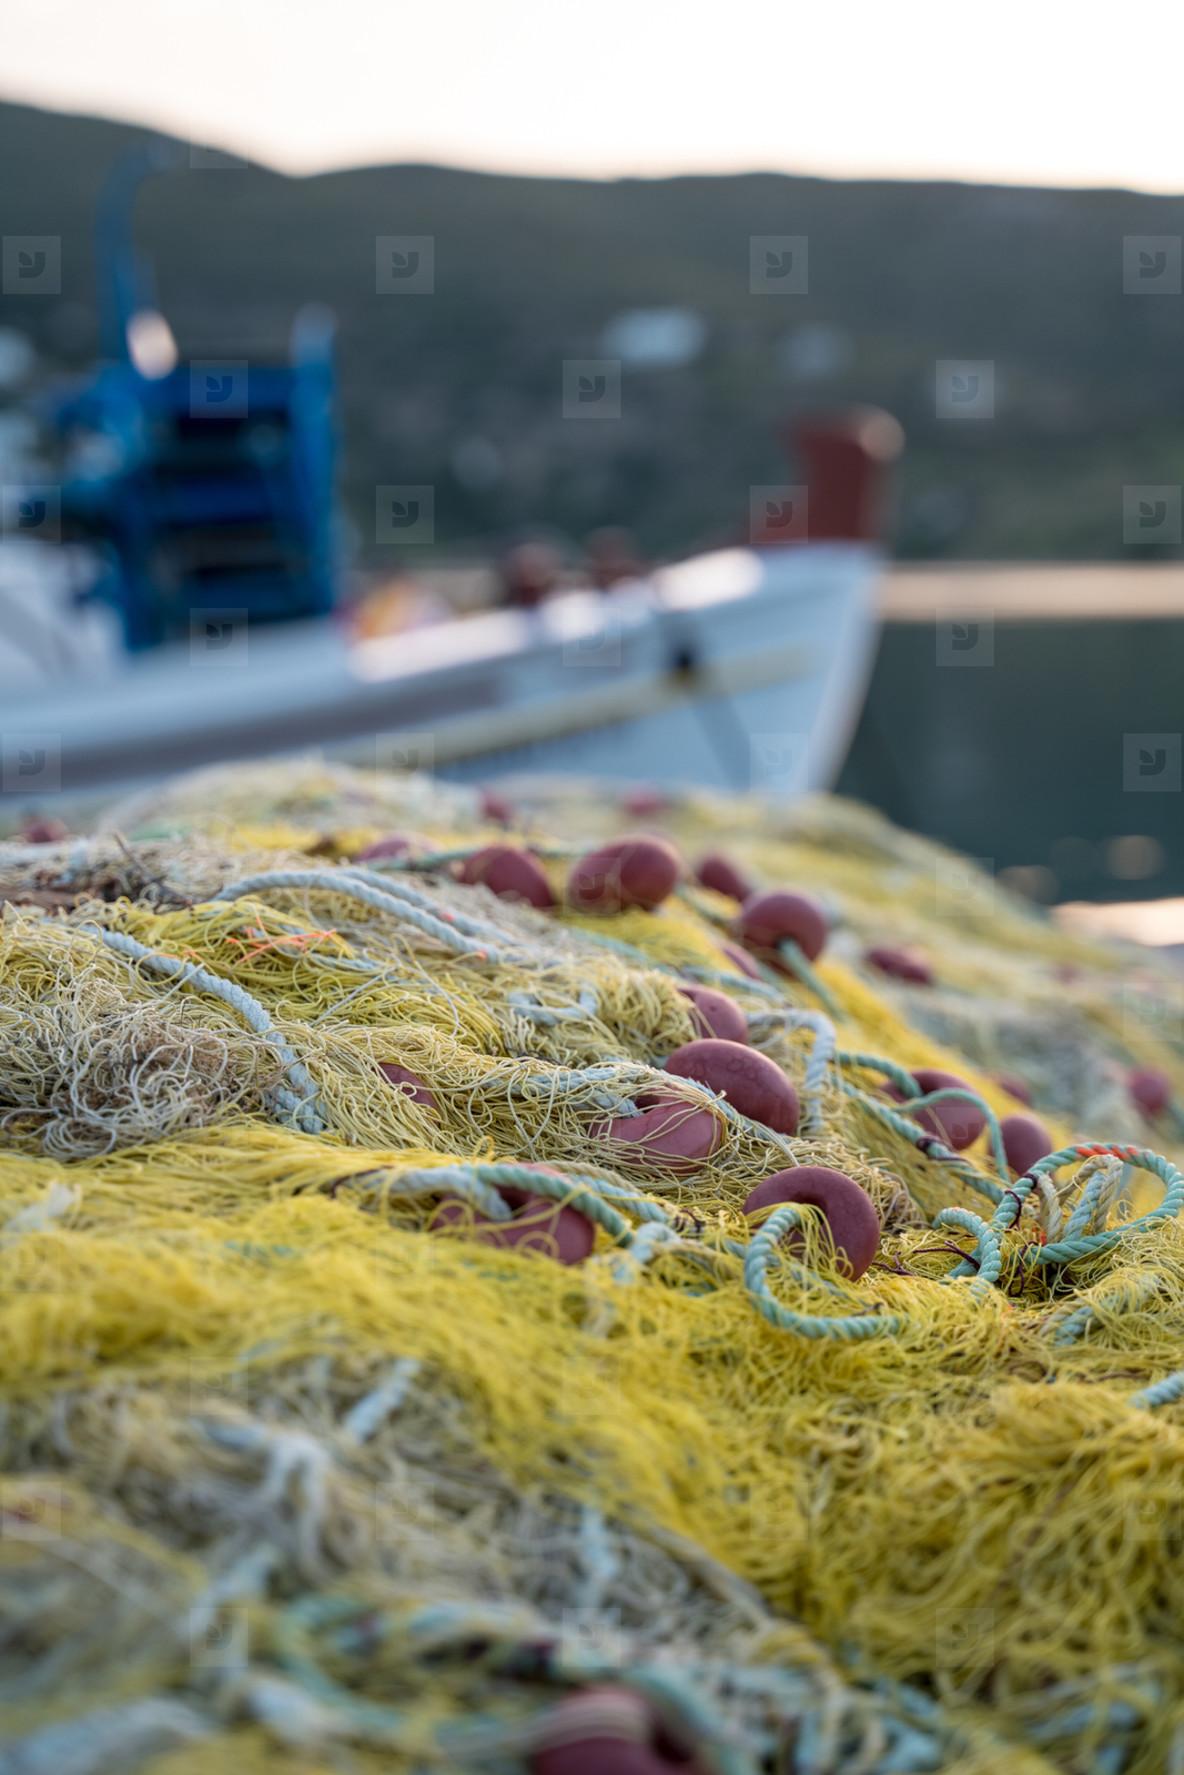 Fishing net in Greece